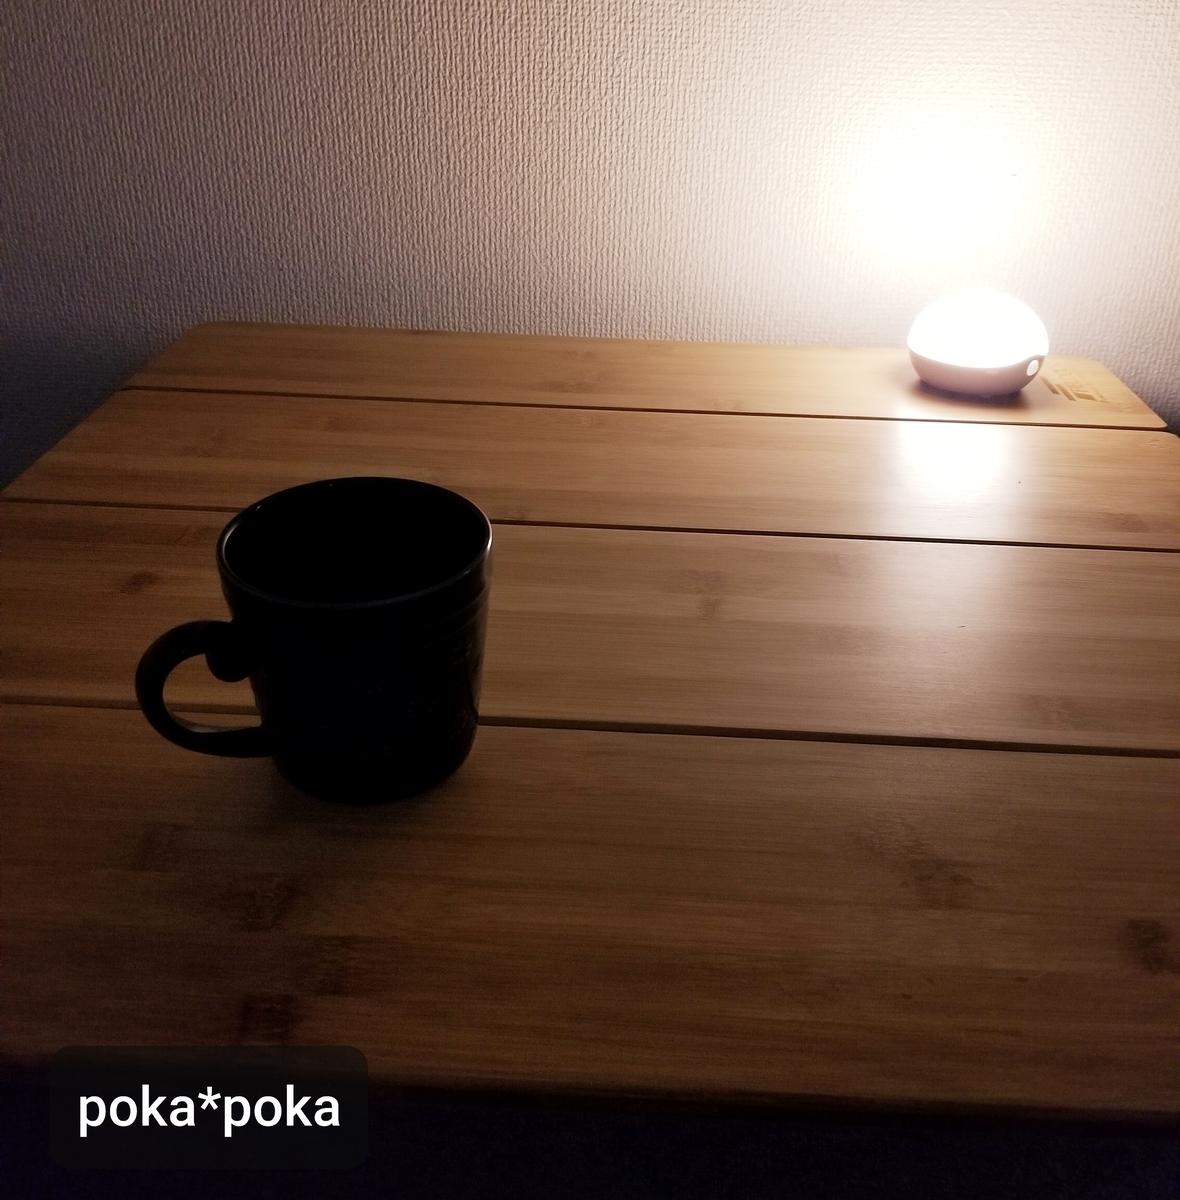 f:id:poka33:20200729200626j:plain